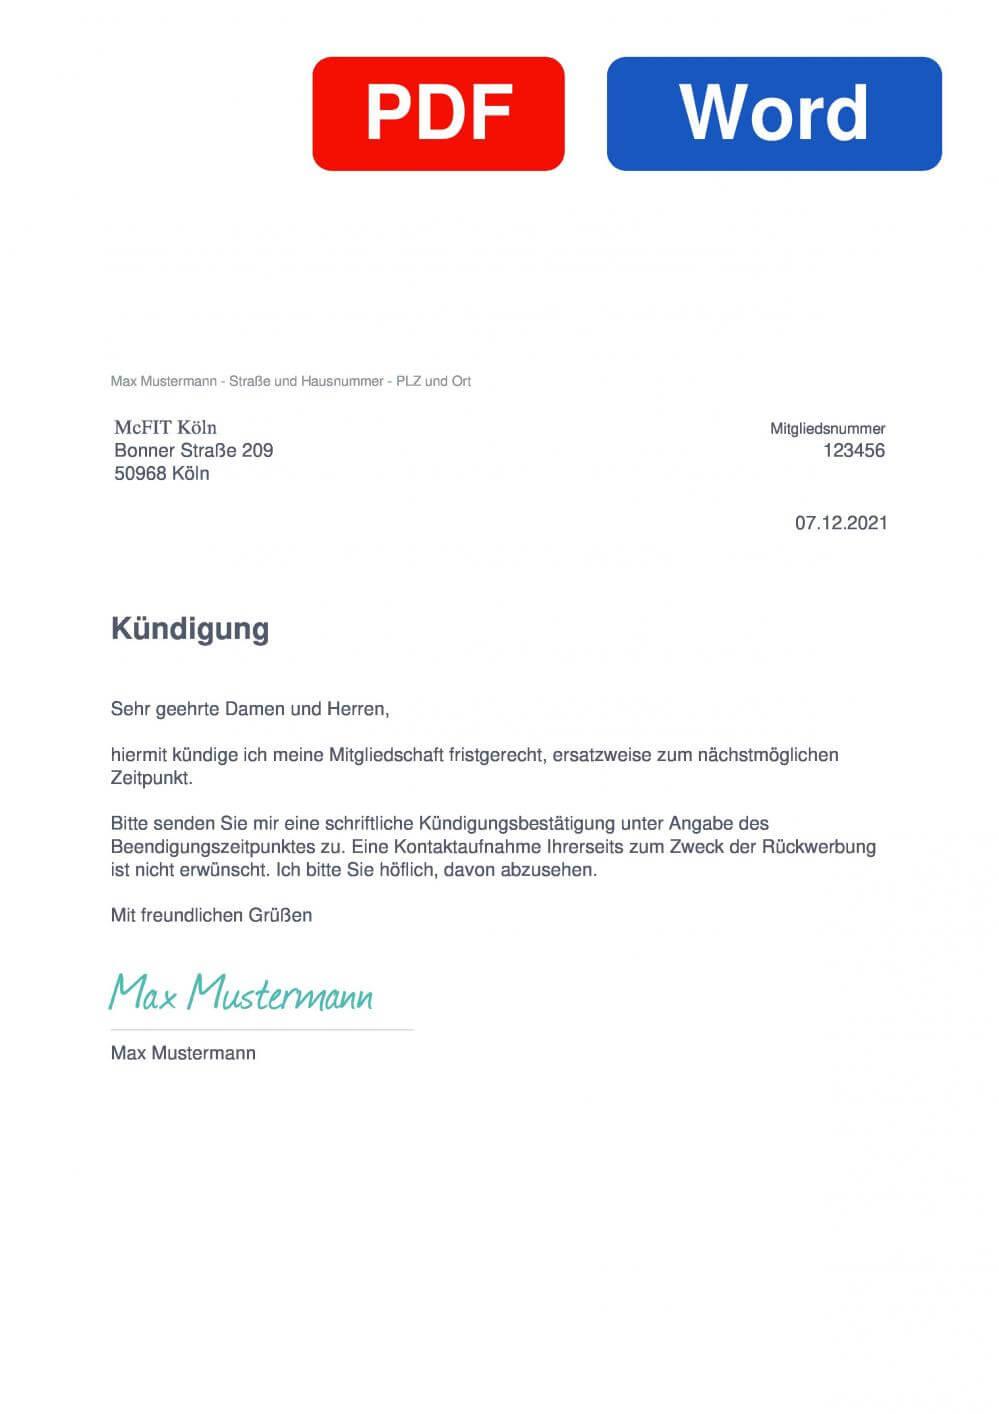 McFIT Köln Muster Vorlage für Kündigungsschreiben